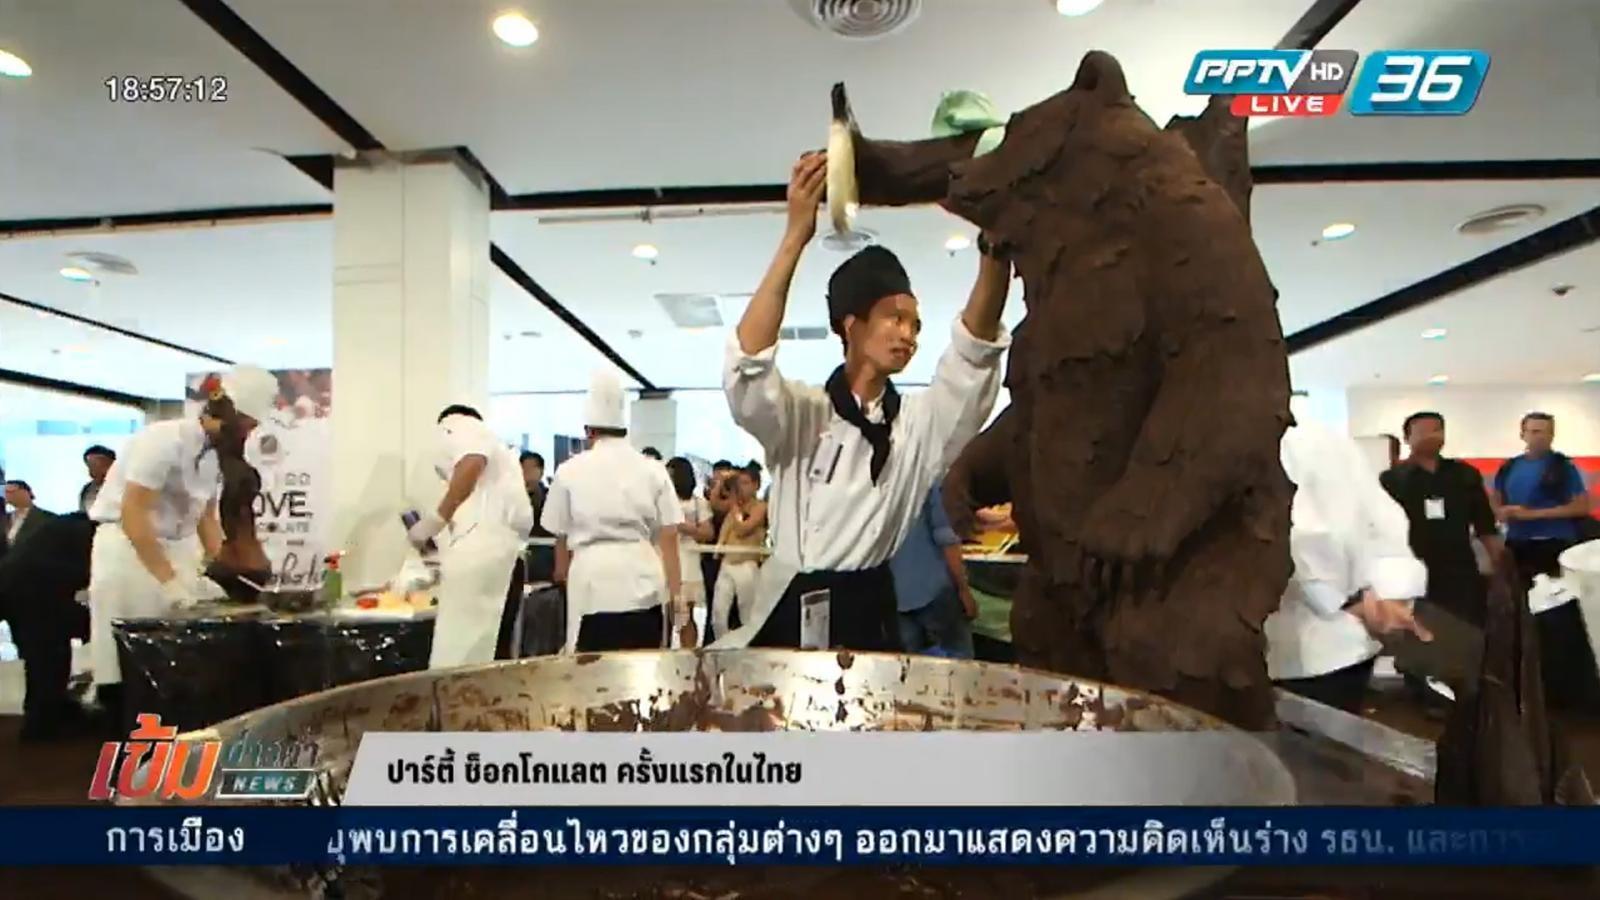 ปาร์ตี้ ช็อกโกแลต ครั้งแรกในไทย